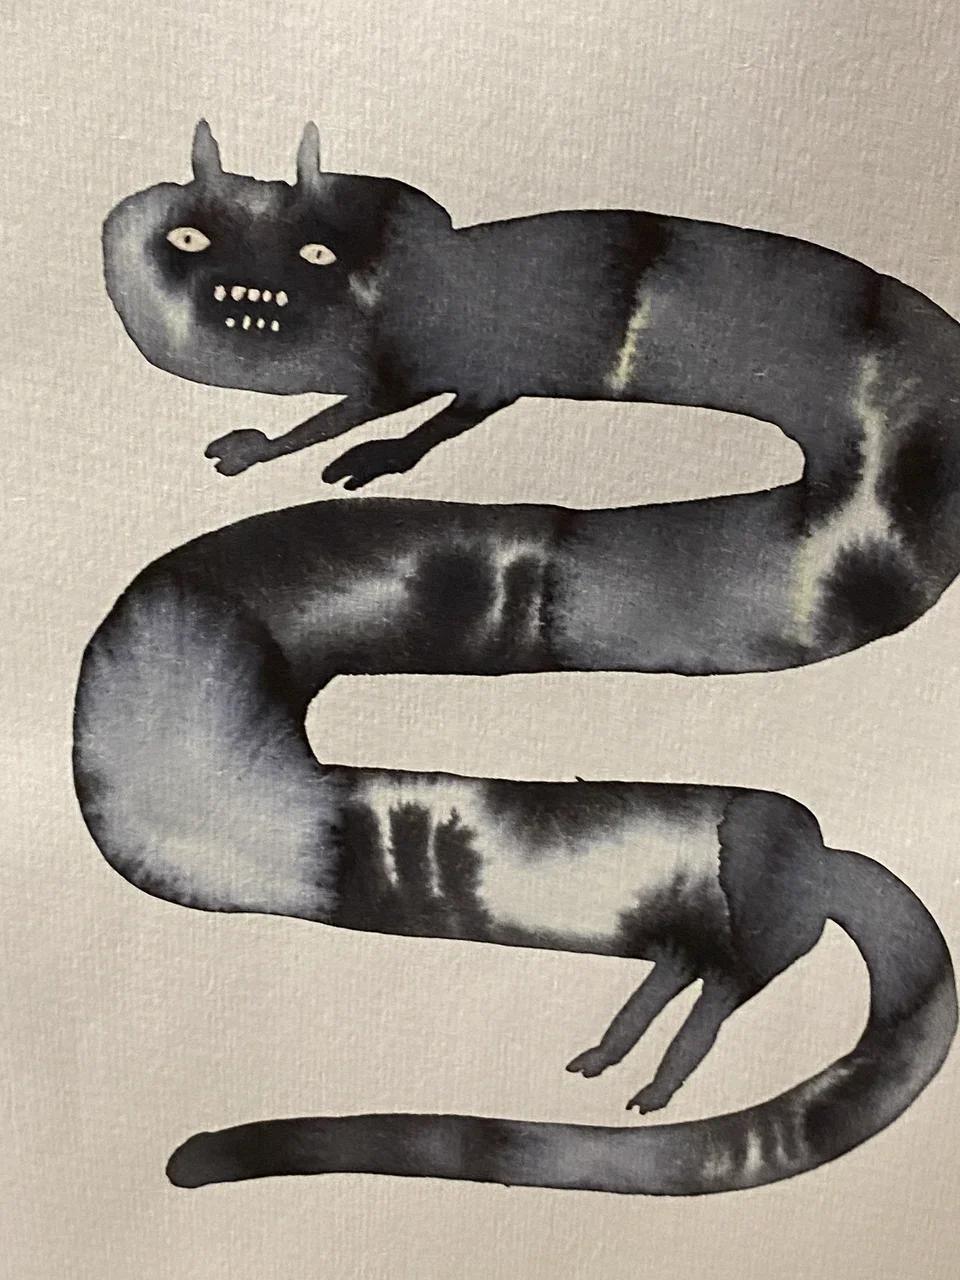 Выставка «Кажется, я всё ещё люблю рисовать». Автор: Дарья Вихко